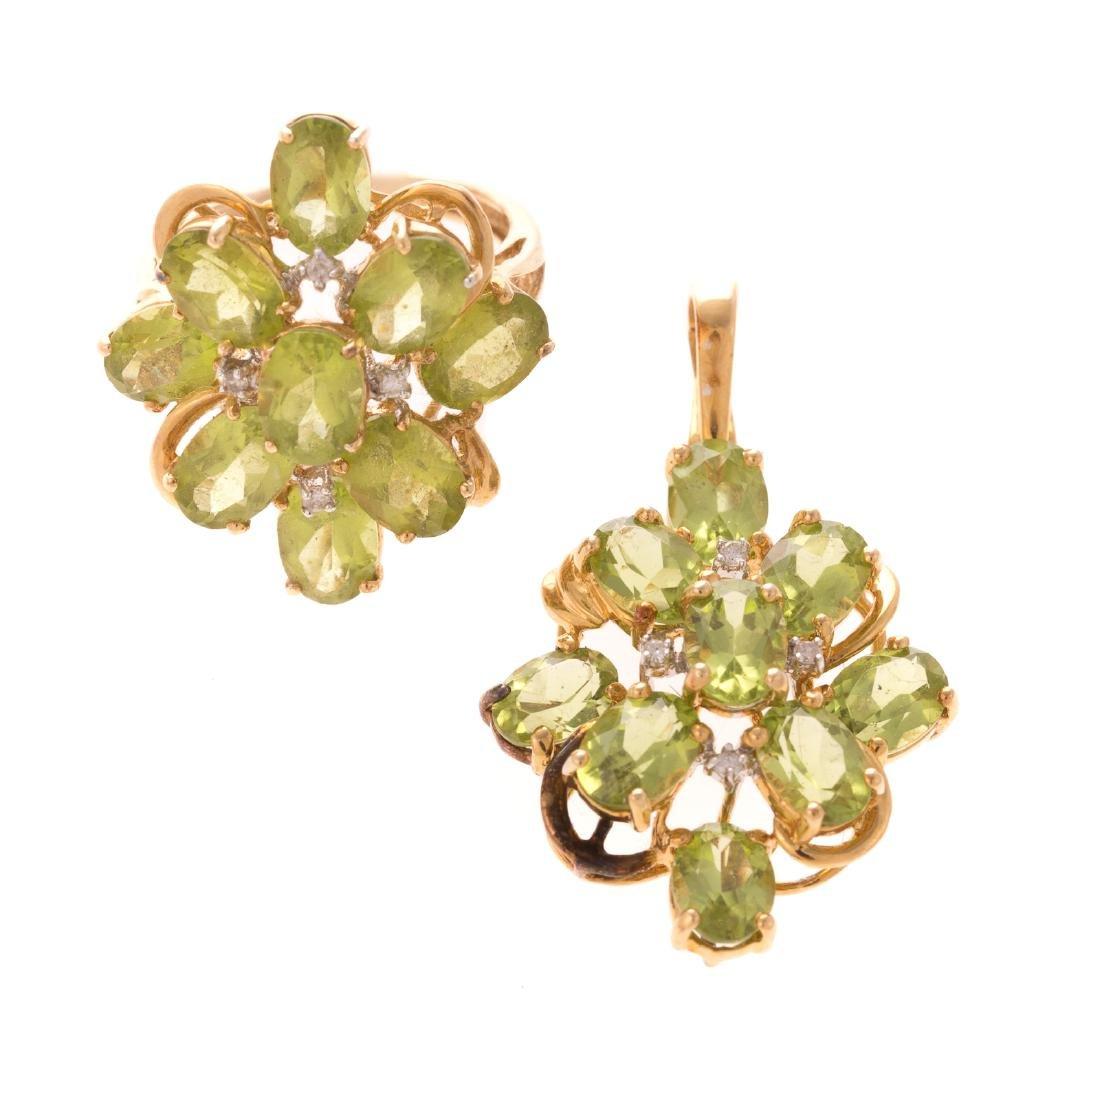 A Matched Set of Peridot & Diamond Jewelry in 14K